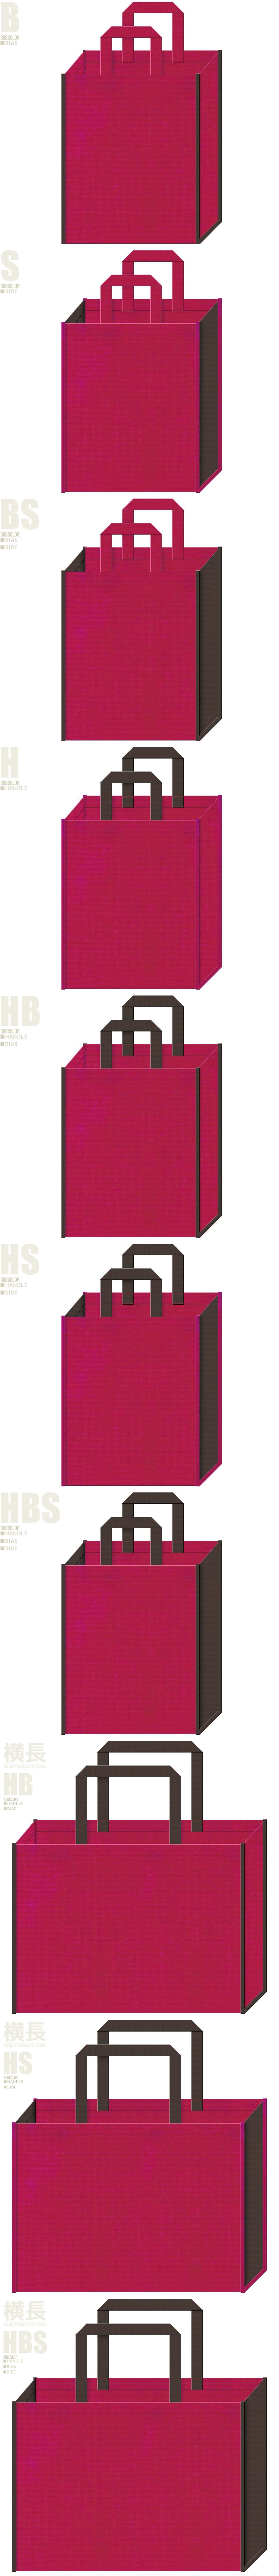 濃いピンク色とこげ茶色、7パターンの不織布トートバッグ配色デザイン例。